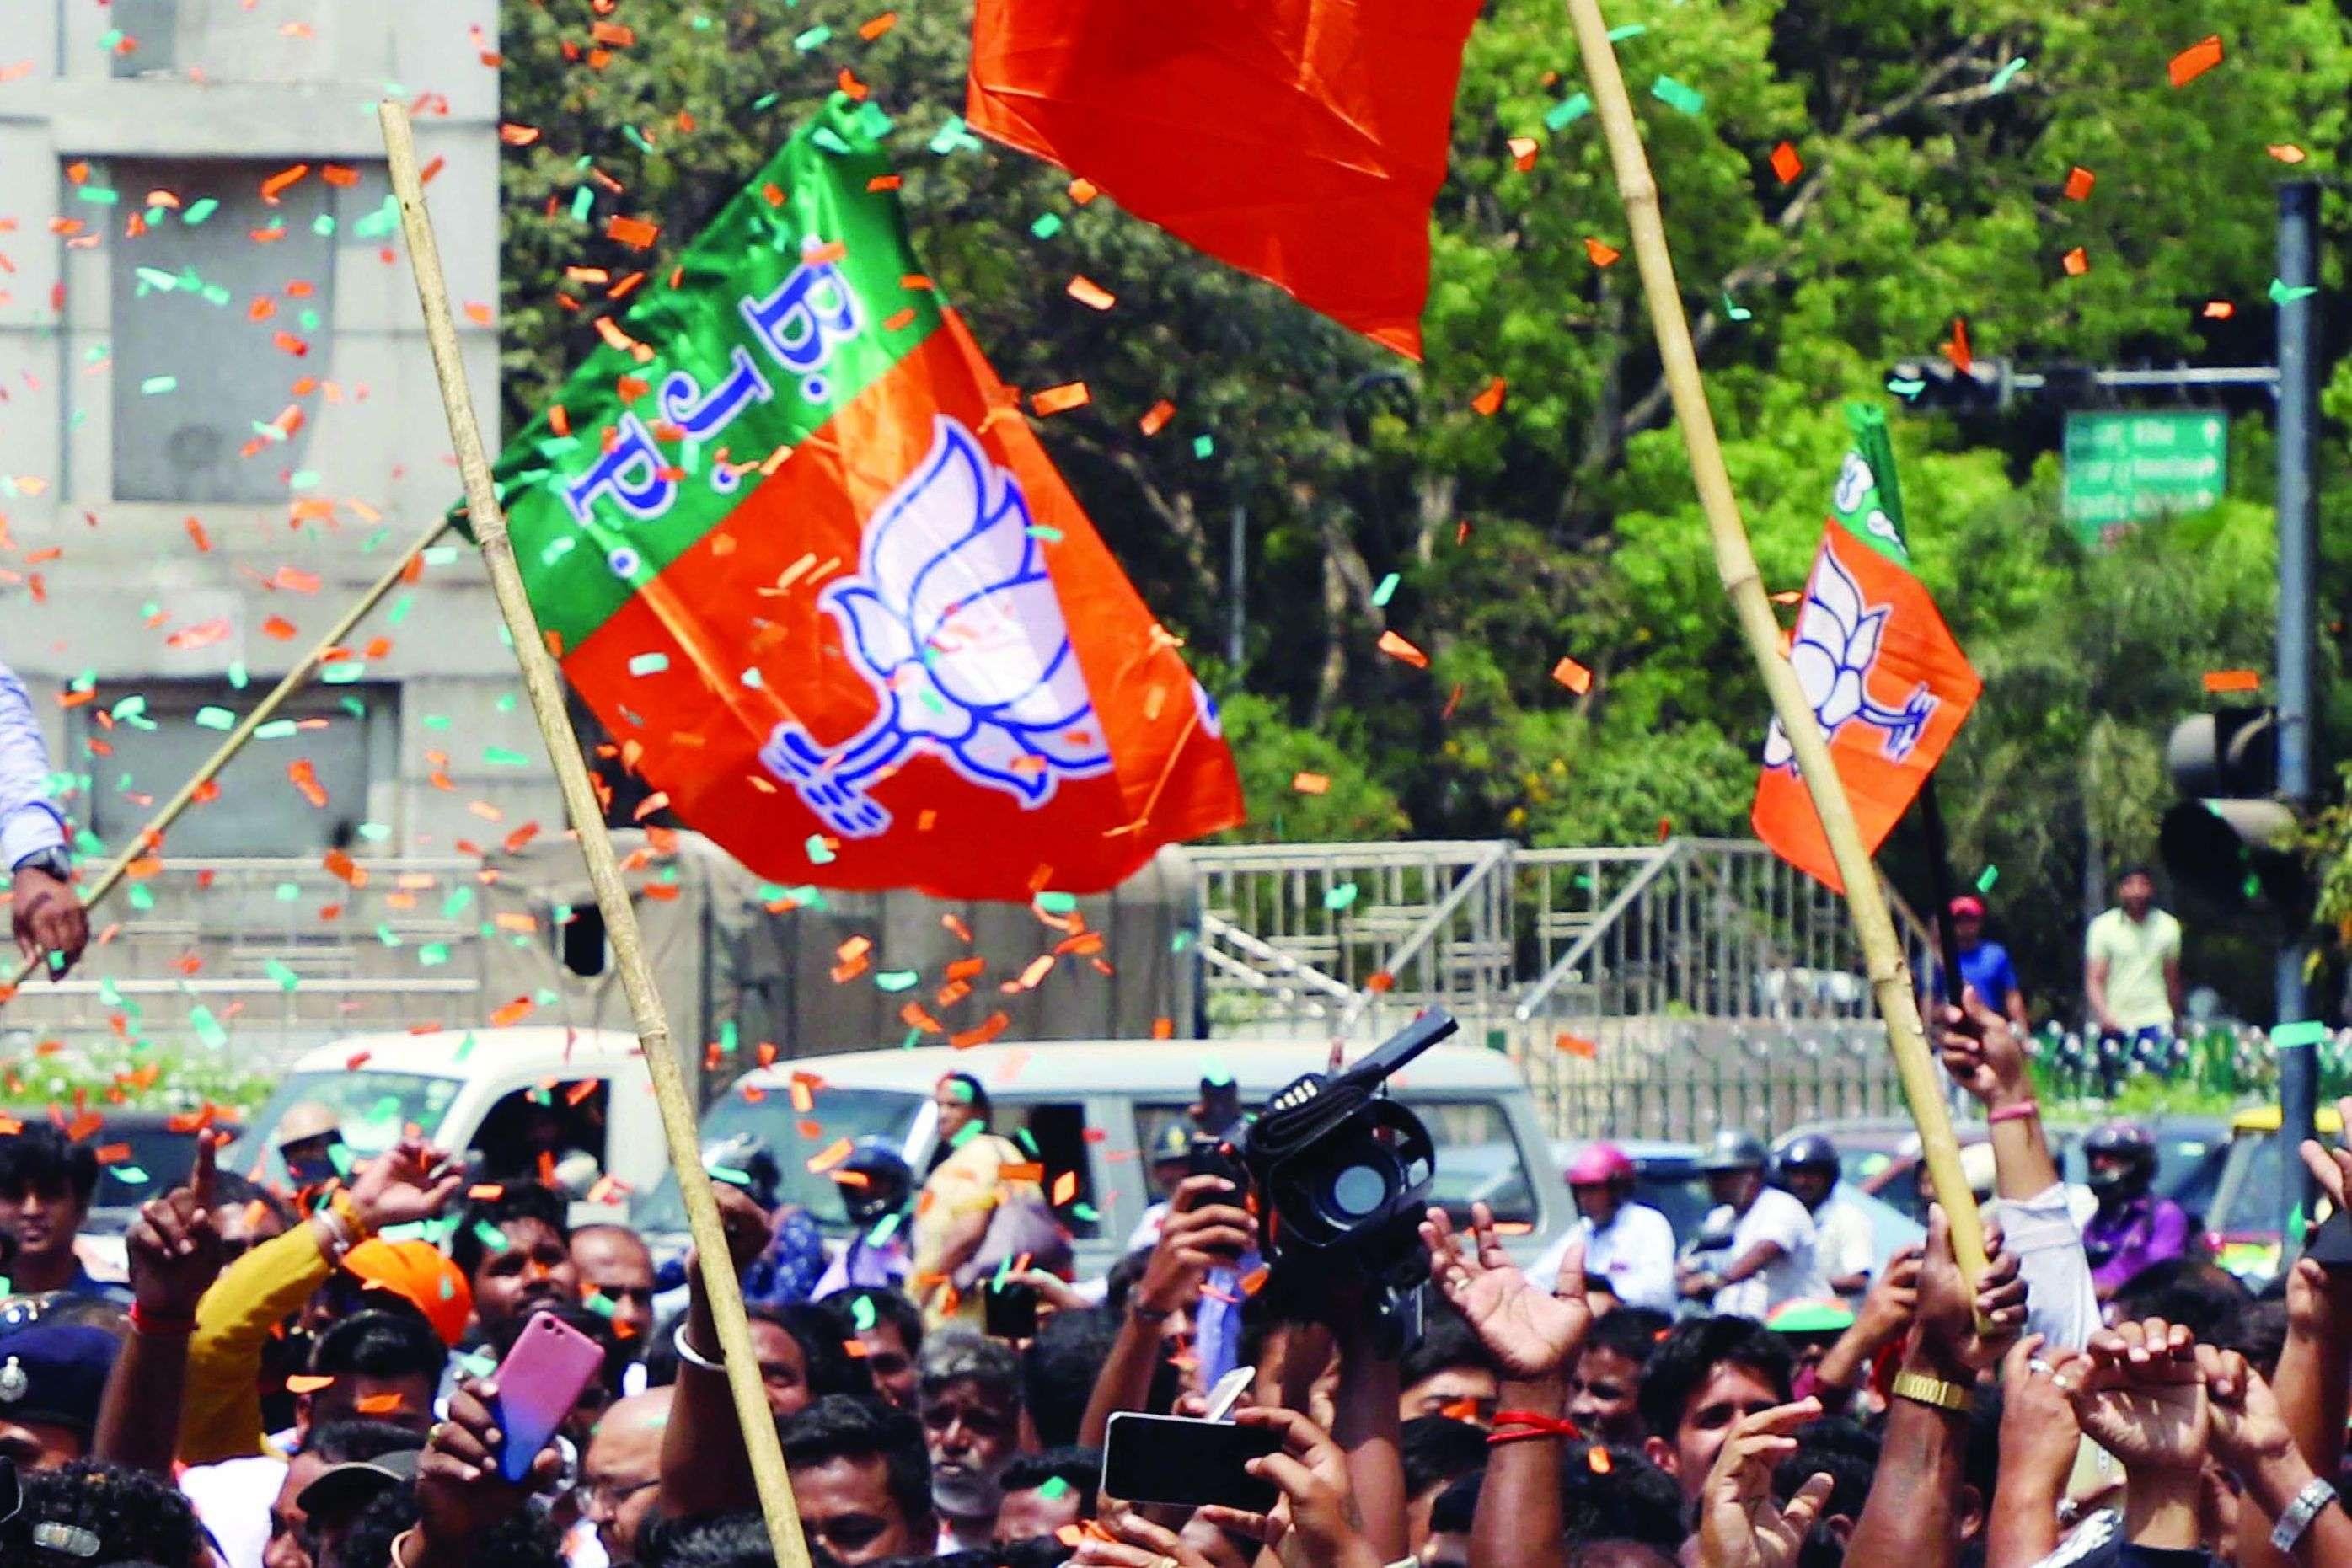 जमीन बेचने के फैसेले से चार भाजपा विधायक नाराज